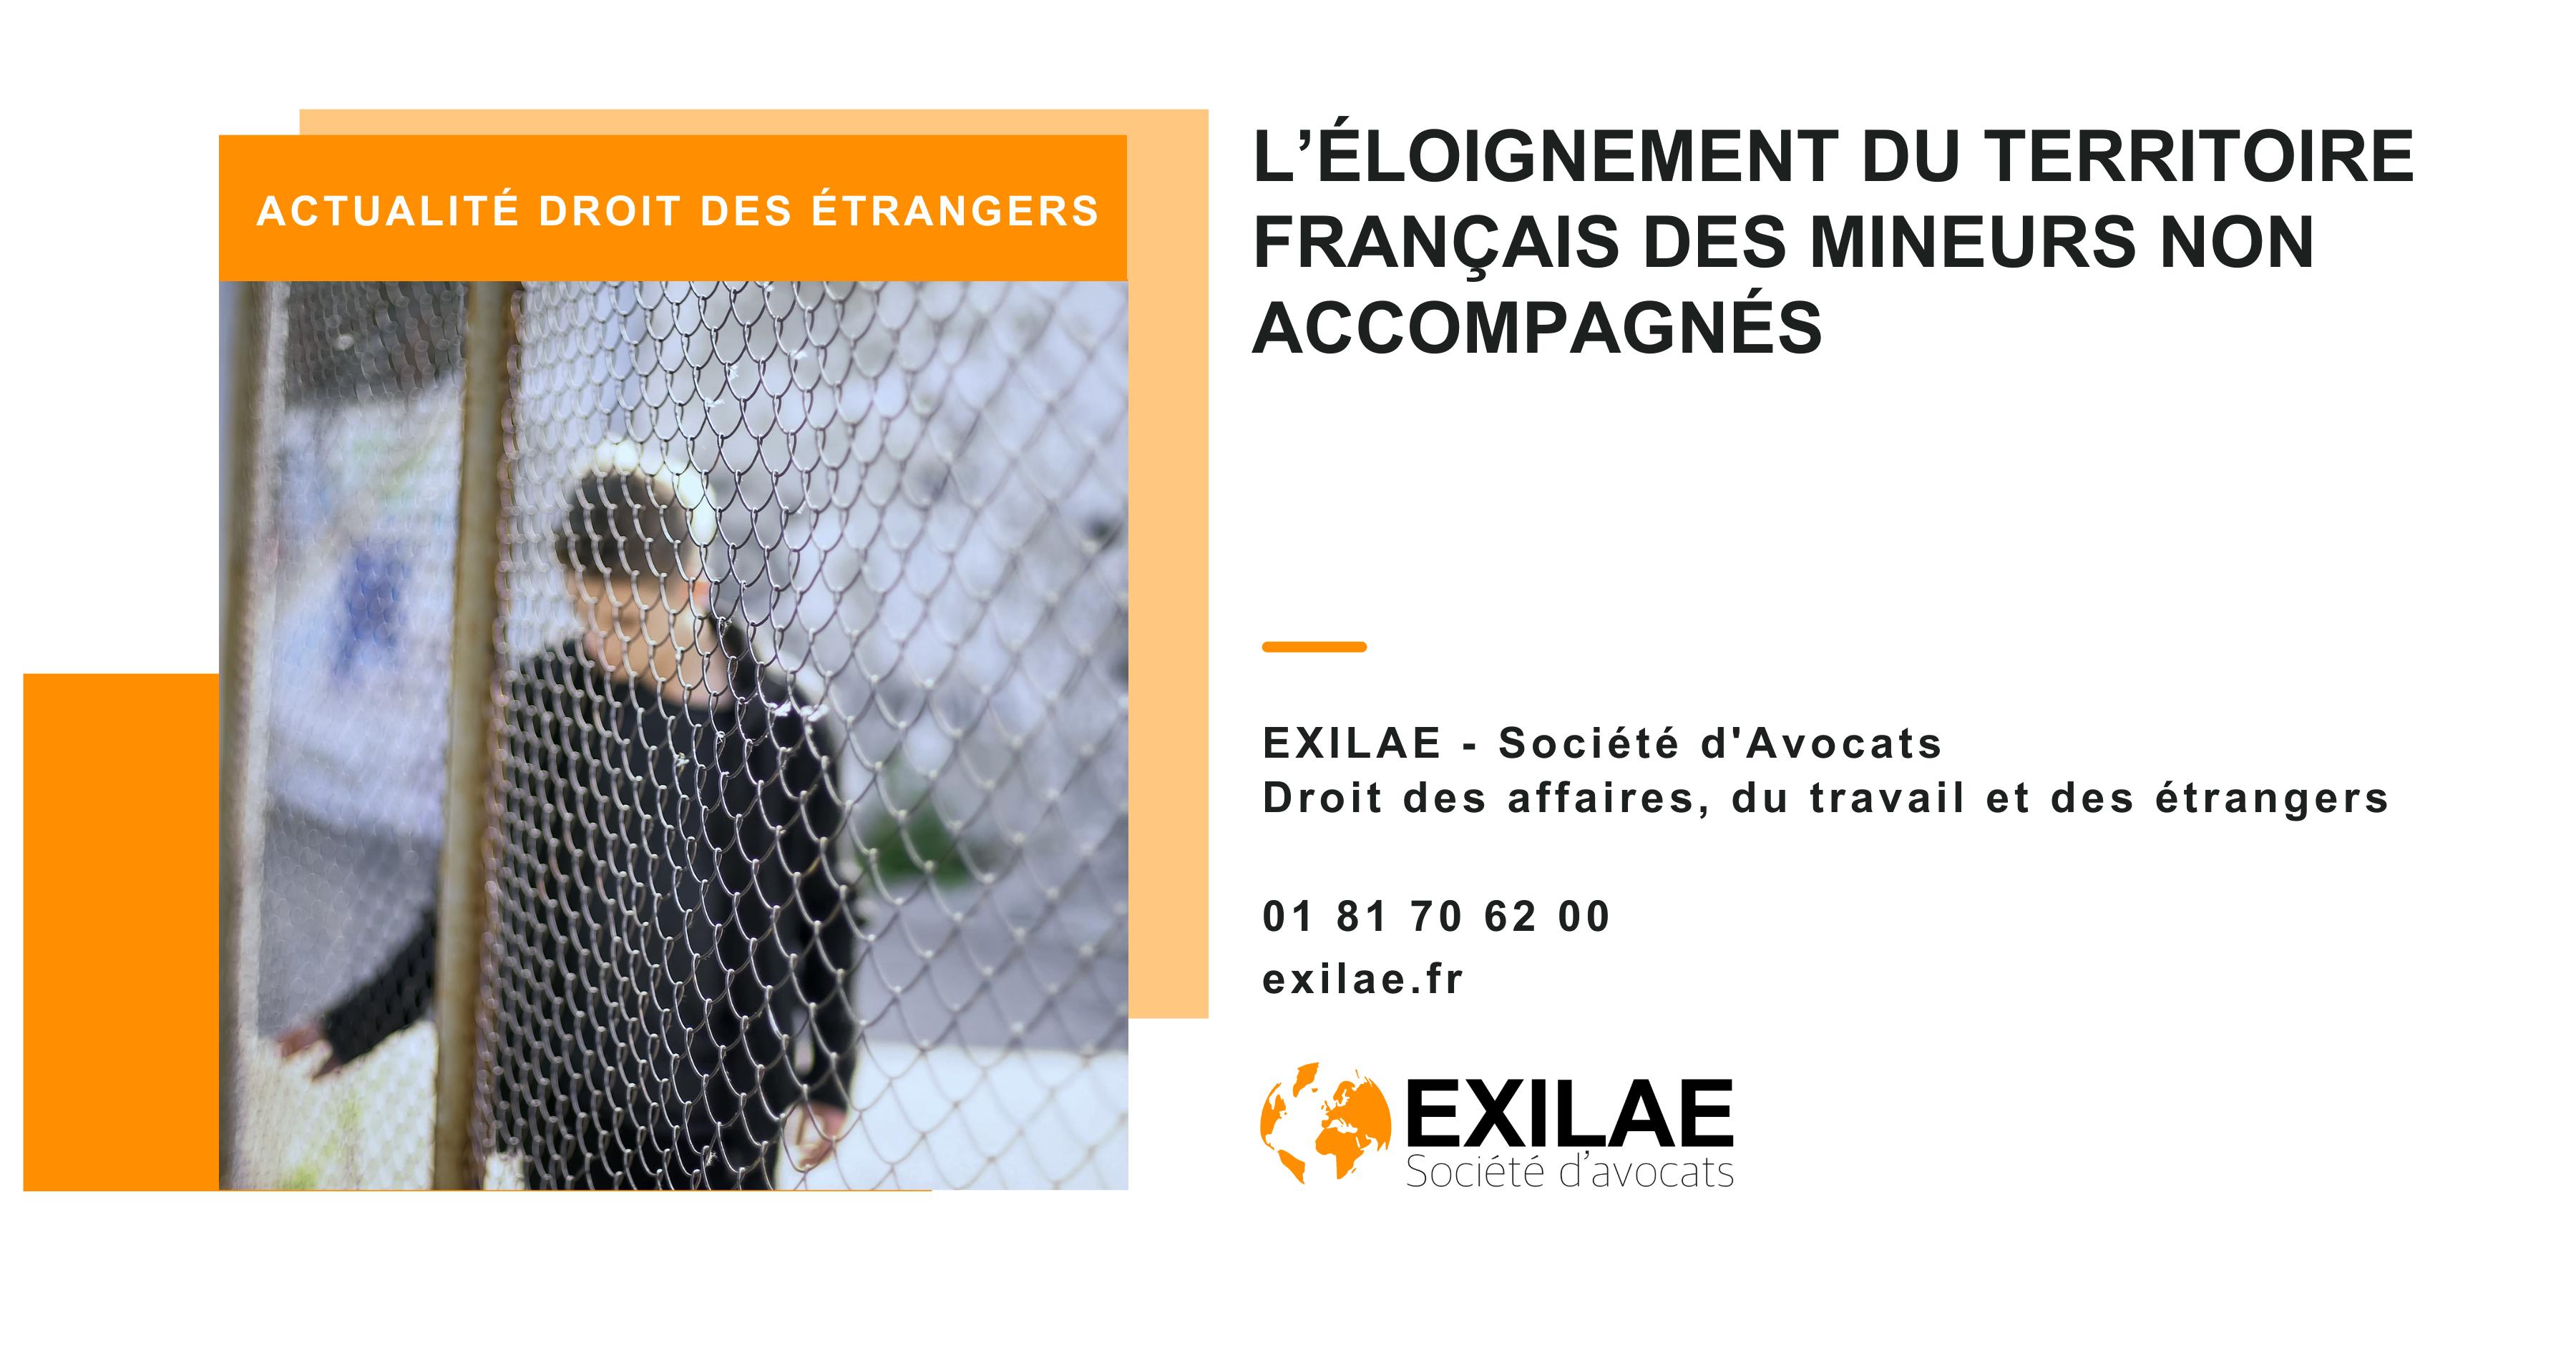 L'éloignement du territoire français des mineurs non accompagnés